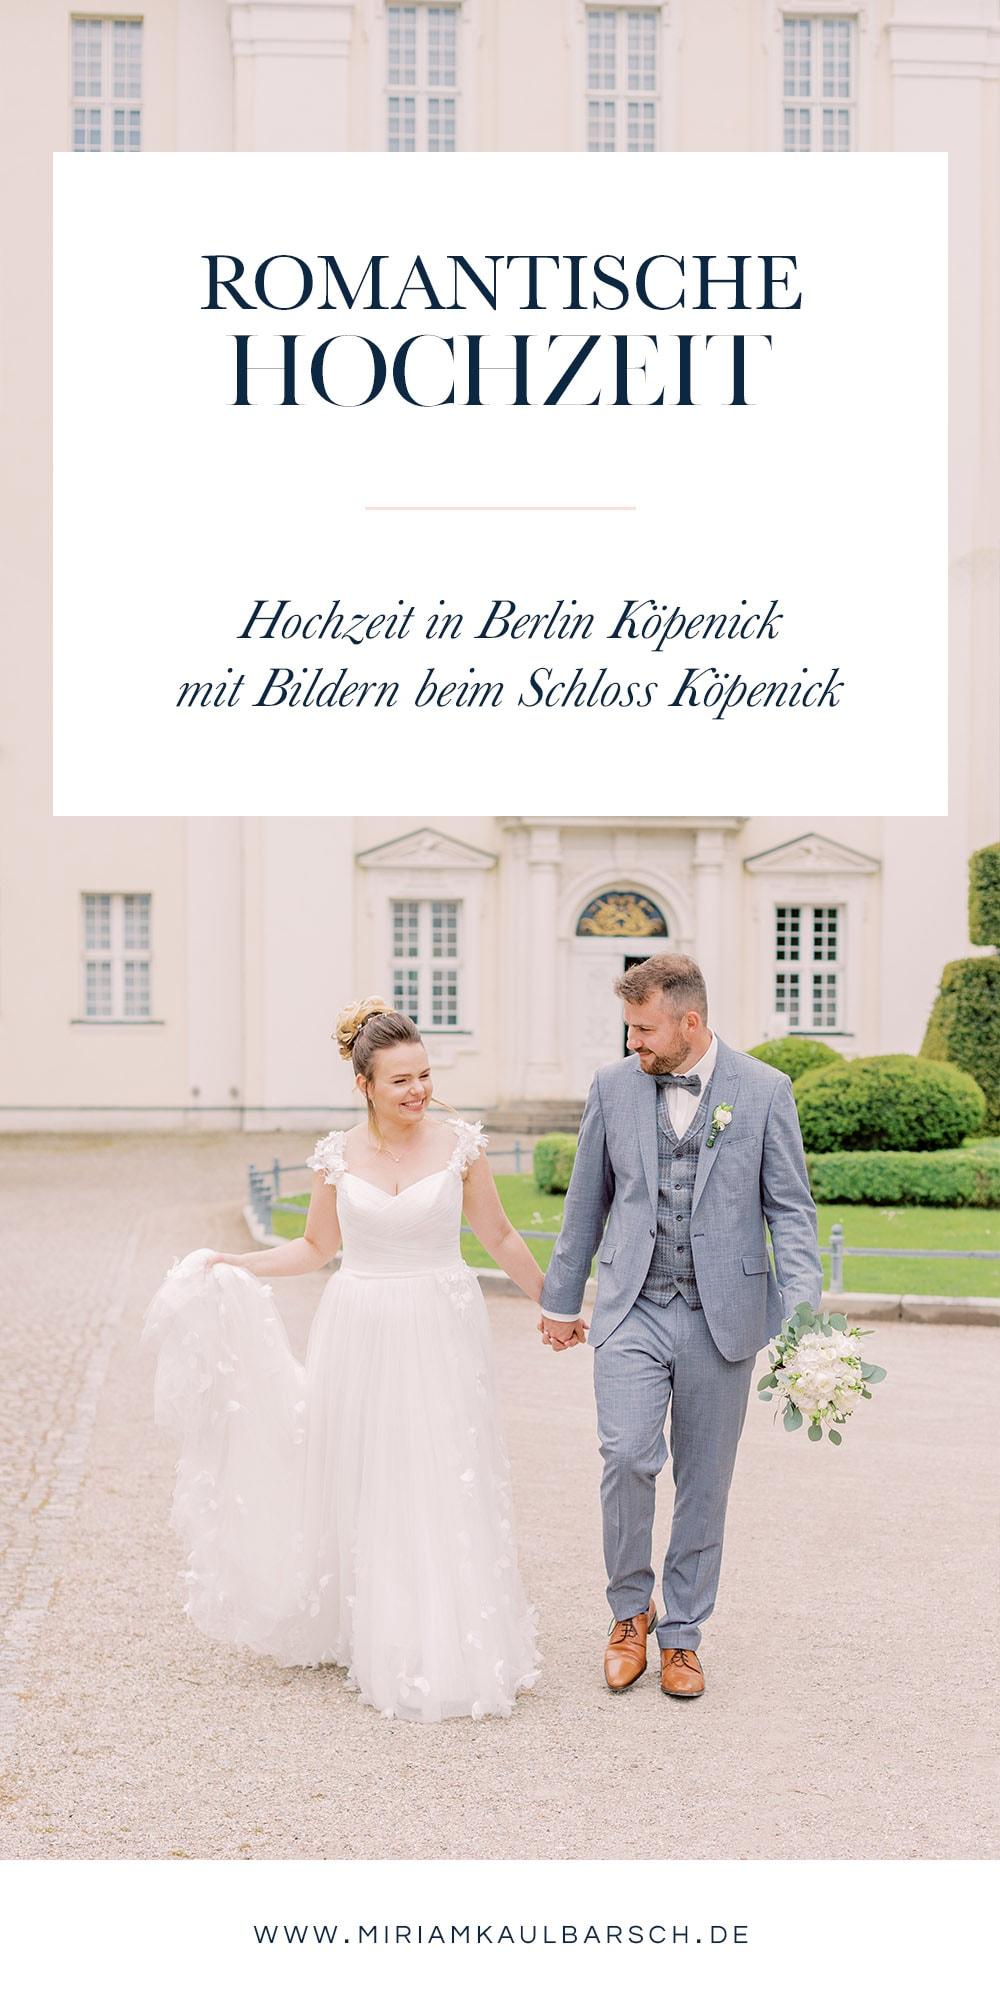 Romantische Hochzeit mit Bildern beim Schloss Köpenick Berlin